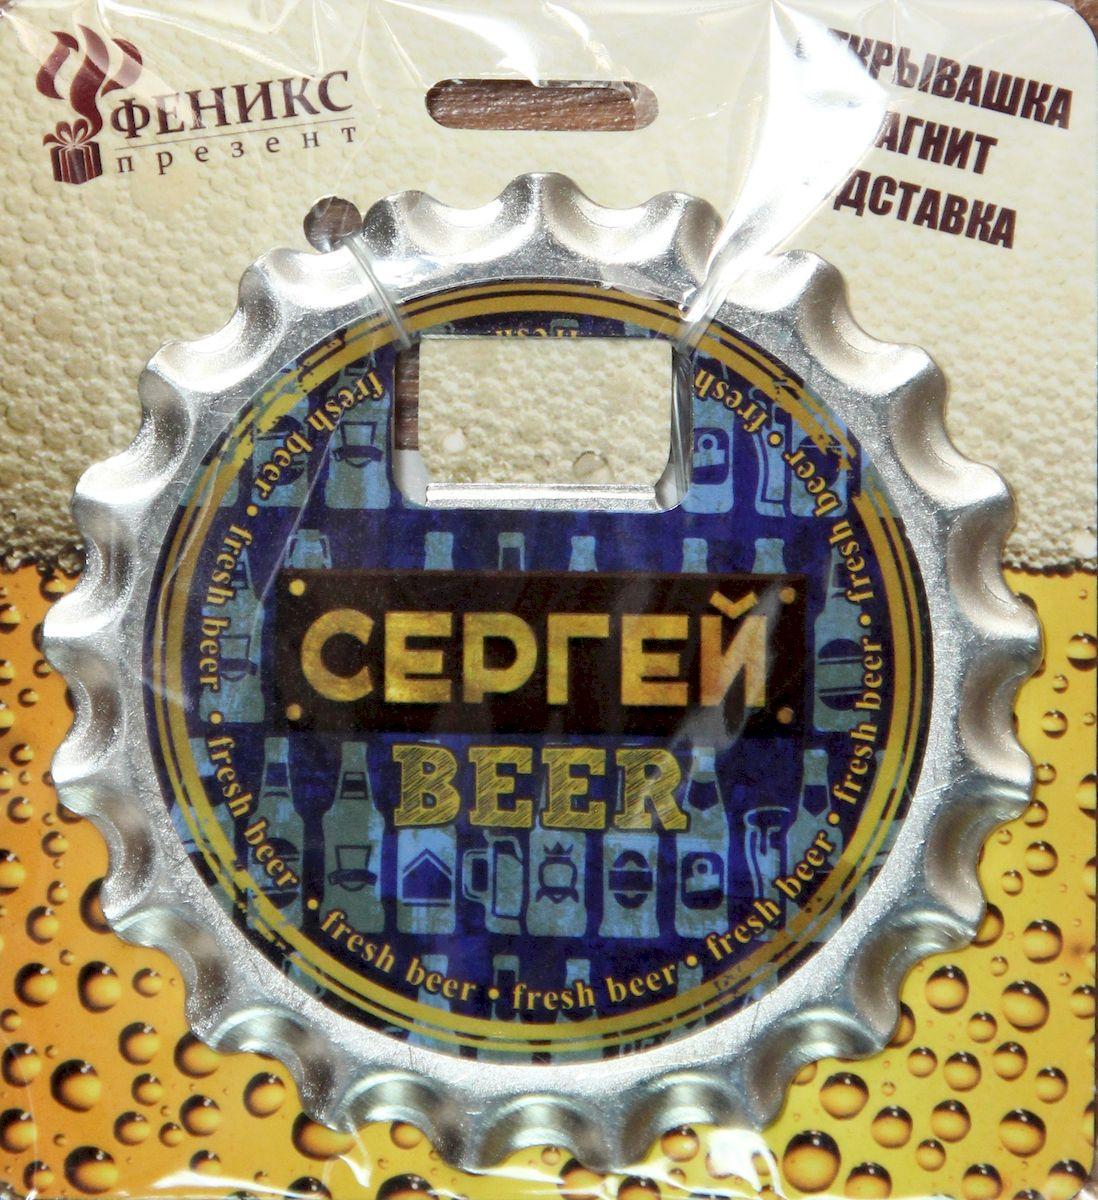 Ключ для открывания бутылок Magic Home Сергей, с магнитом ключ для открывания бутылок magic home артем с магнитом